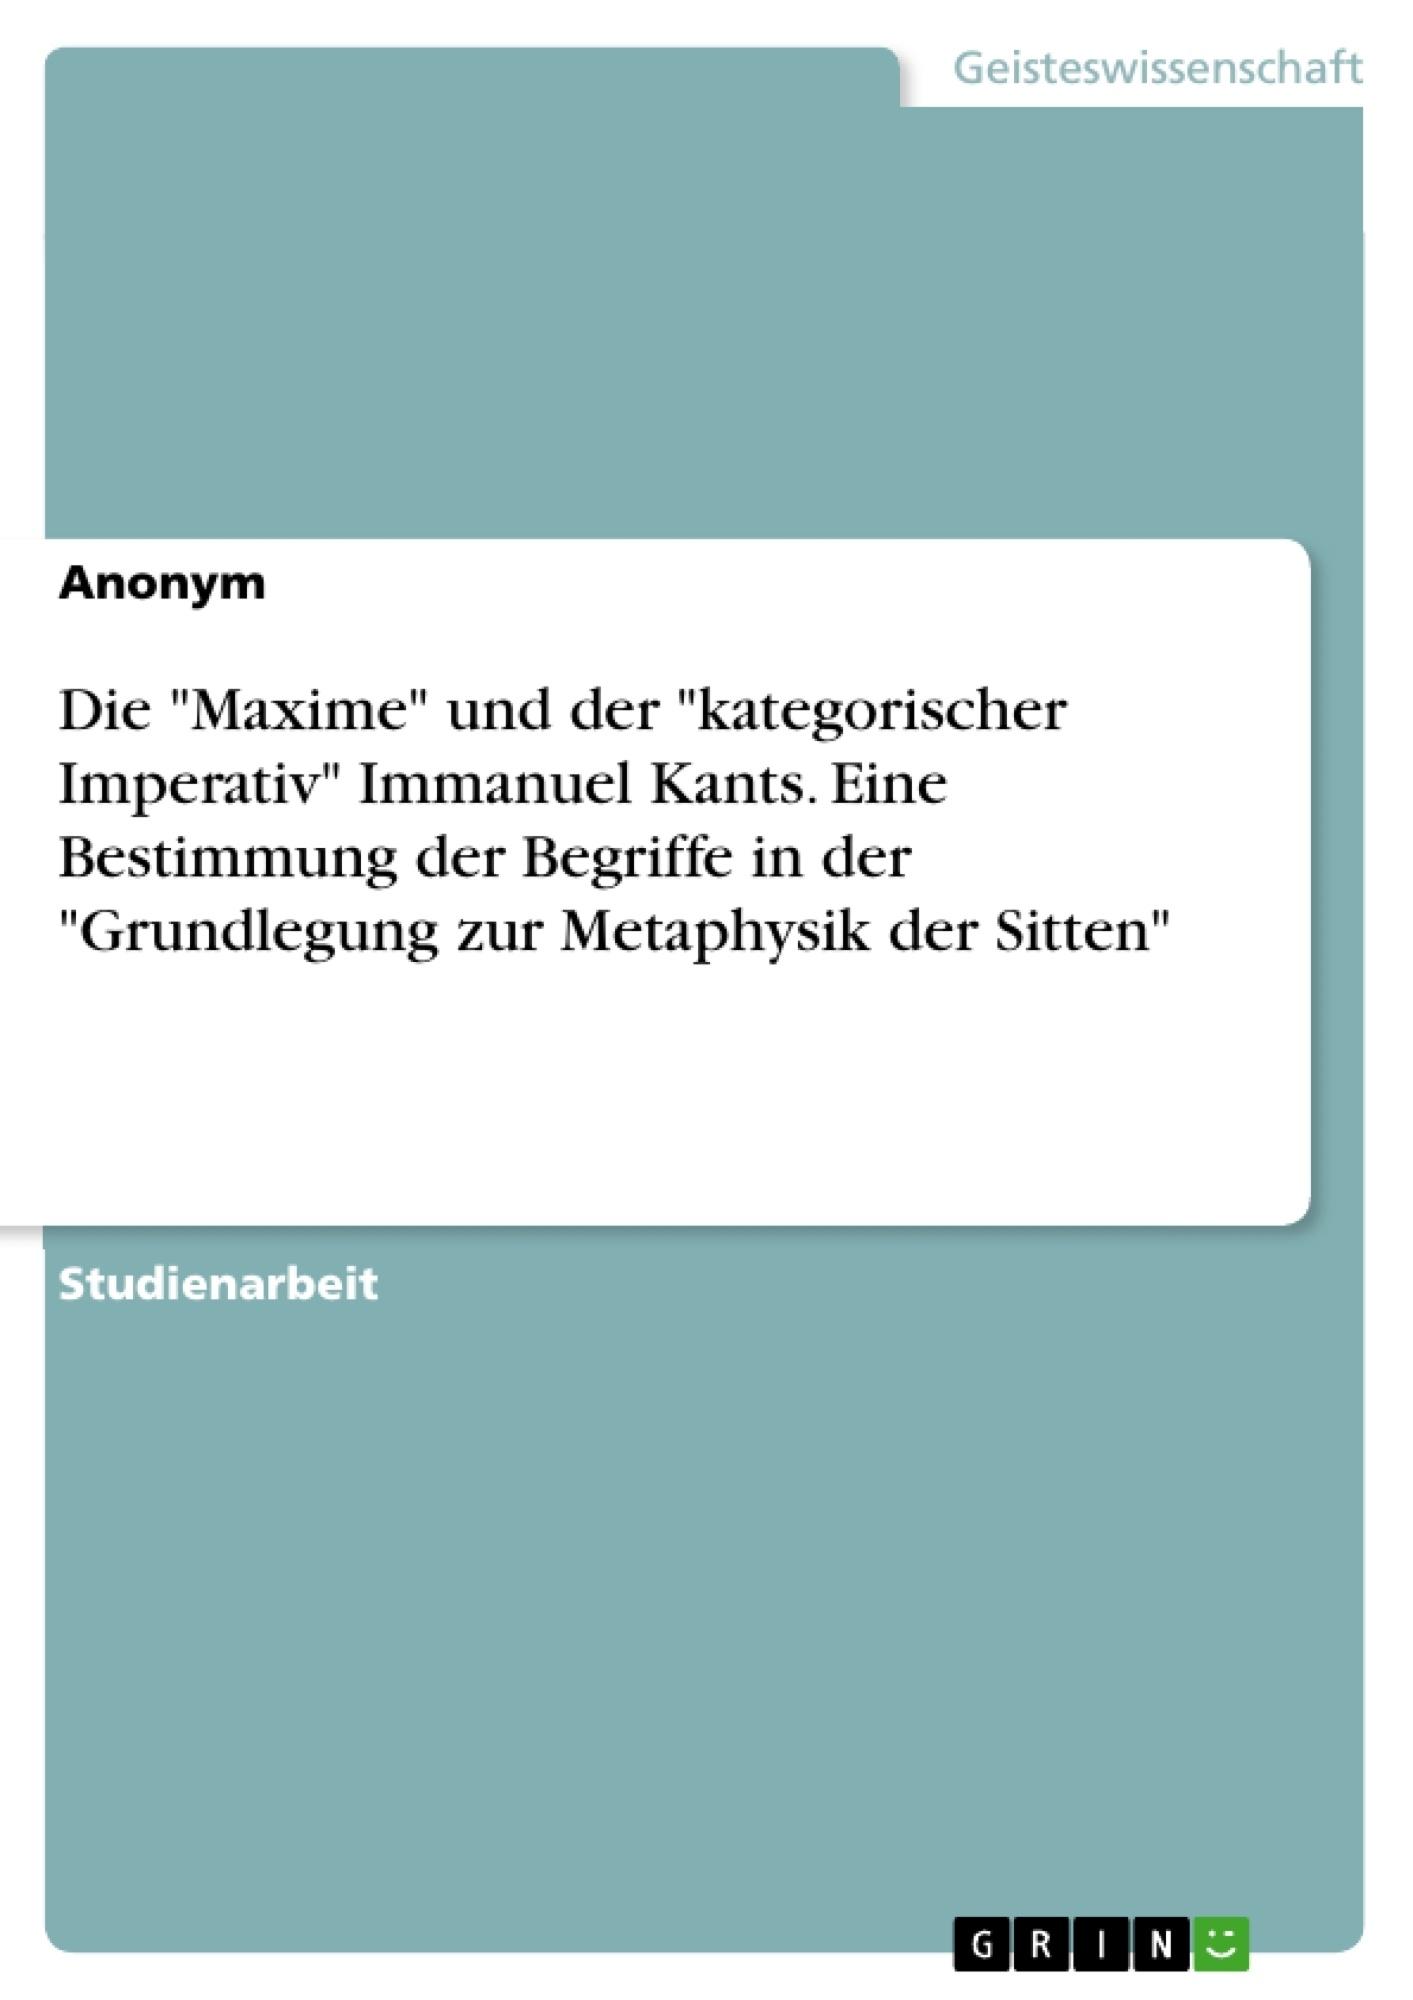 """Titel: Die """"Maxime"""" und der """"kategorischer Imperativ"""" Immanuel Kants. Eine Bestimmung der Begriffe in der """"Grundlegung zur Metaphysik der Sitten"""""""